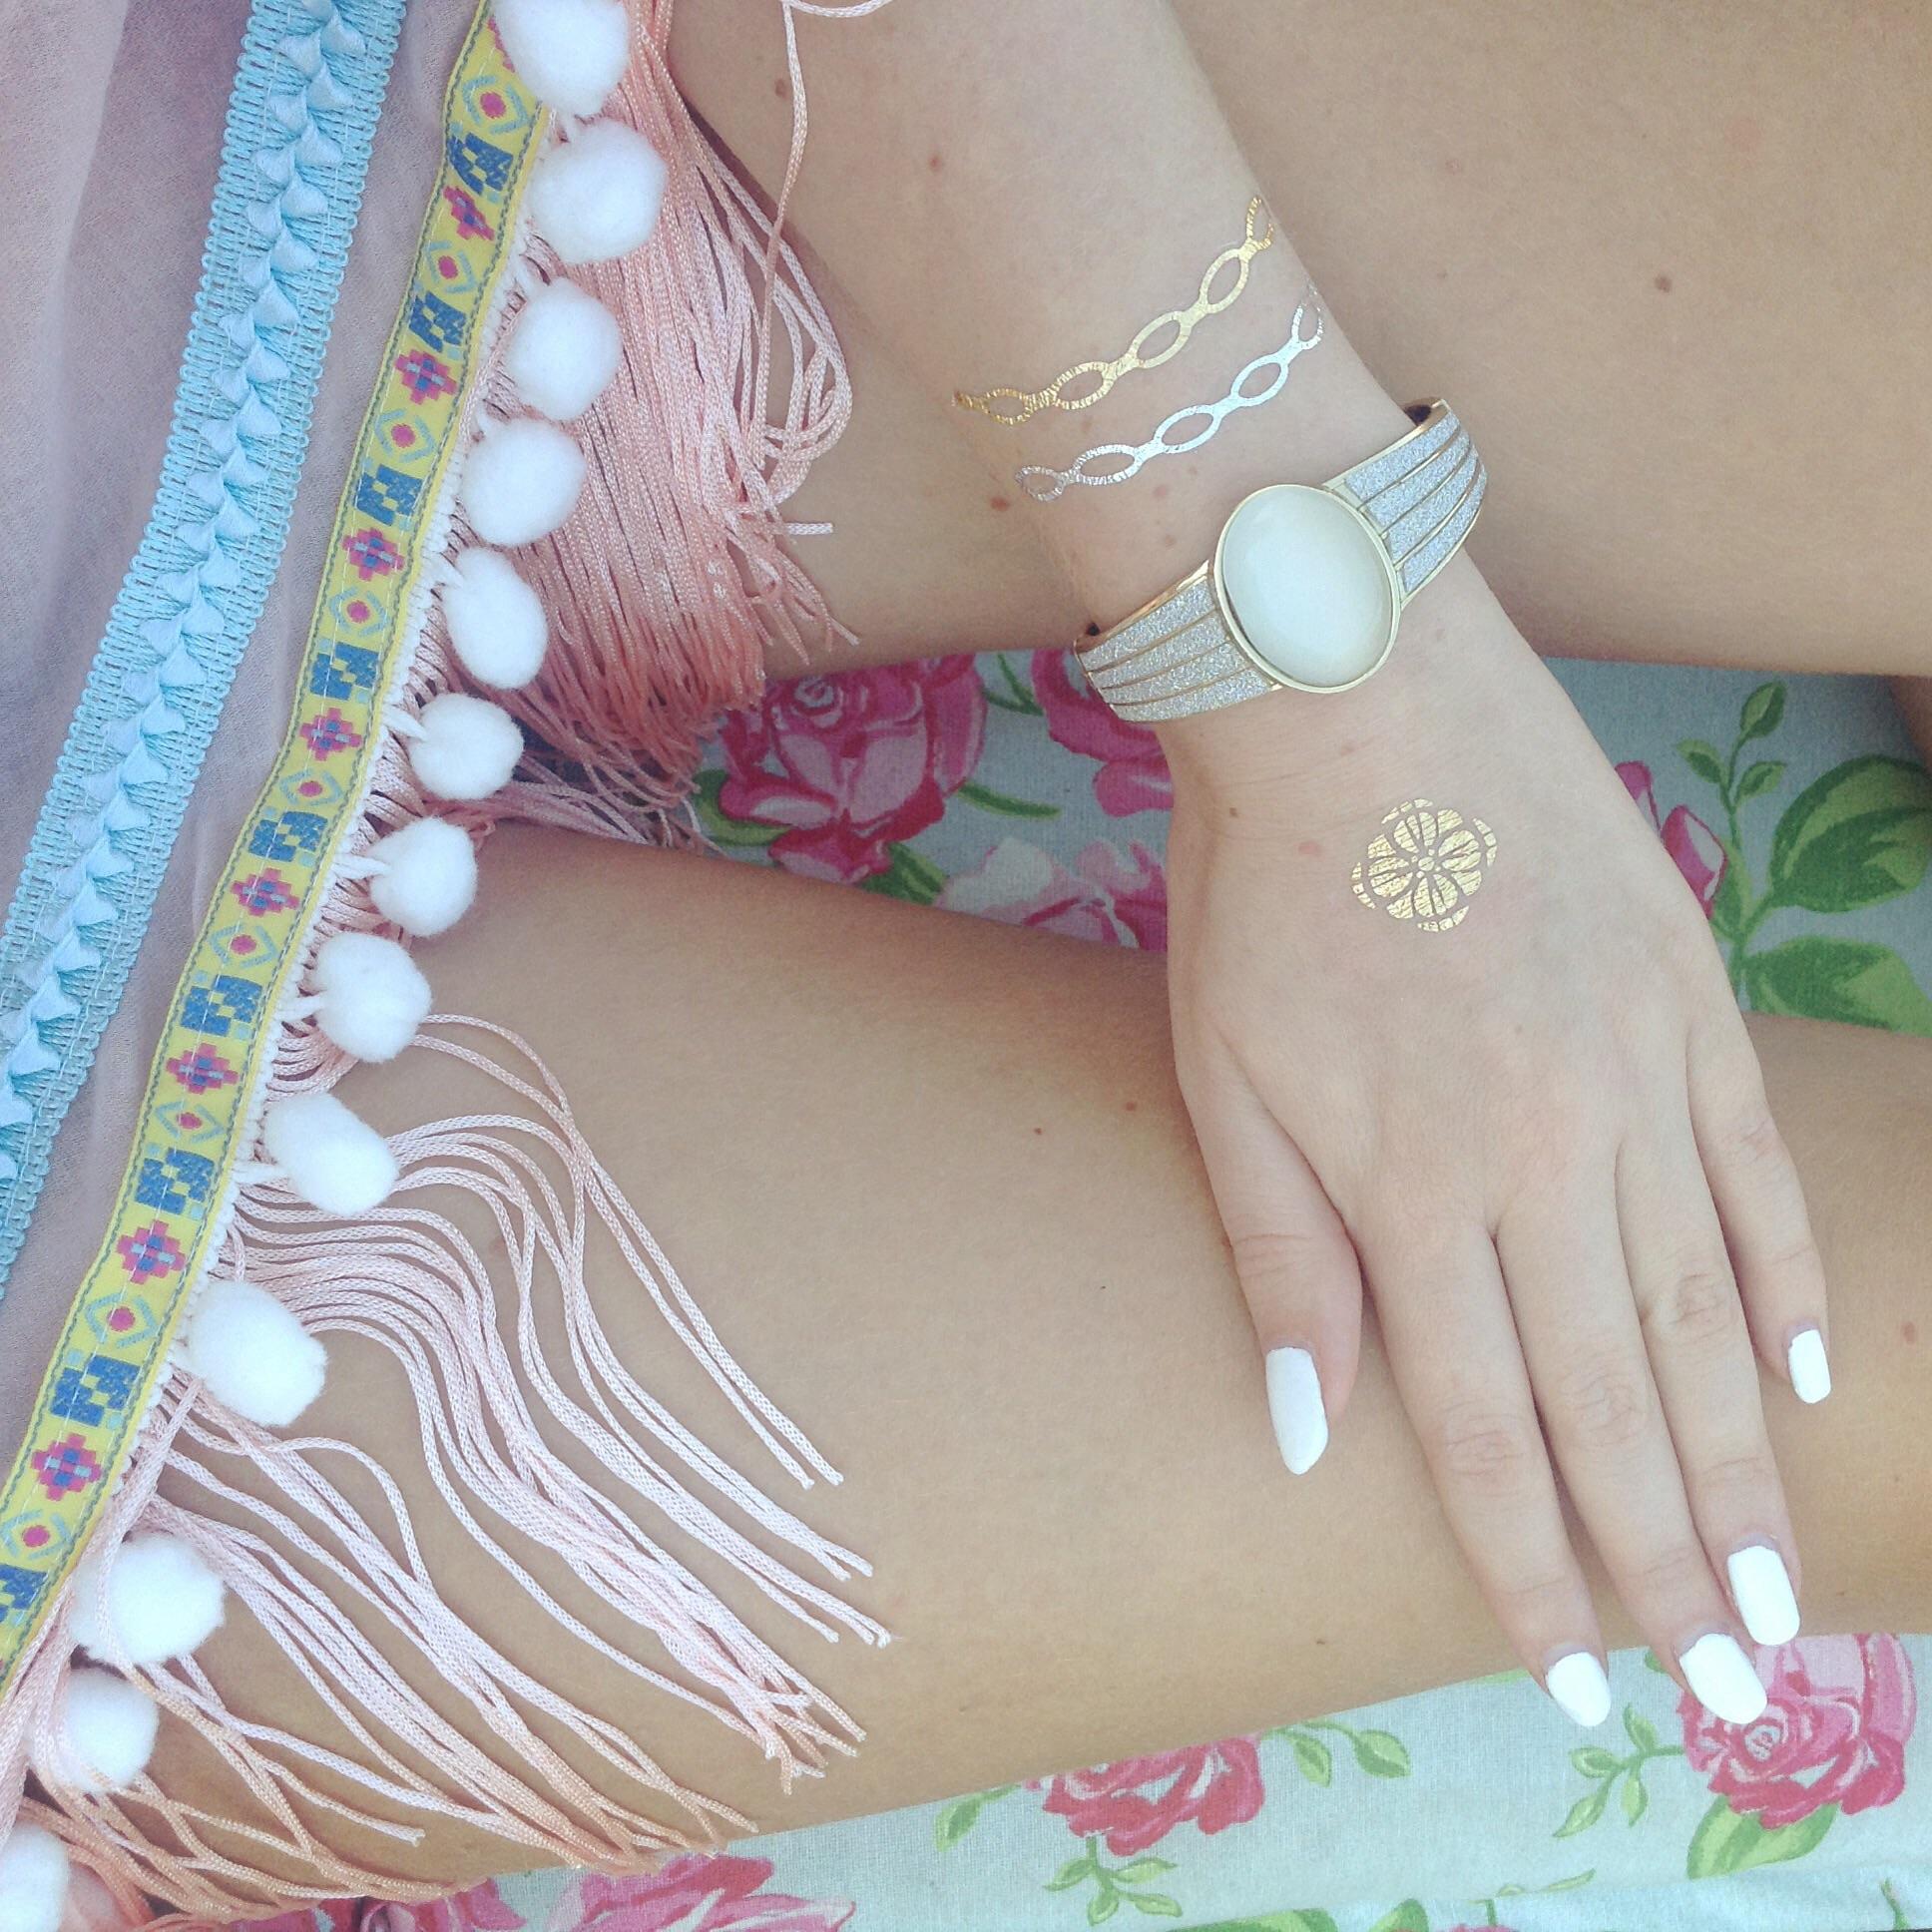 Bijouterie fleurie Metallic Tattoo armand poncho sjaal armband